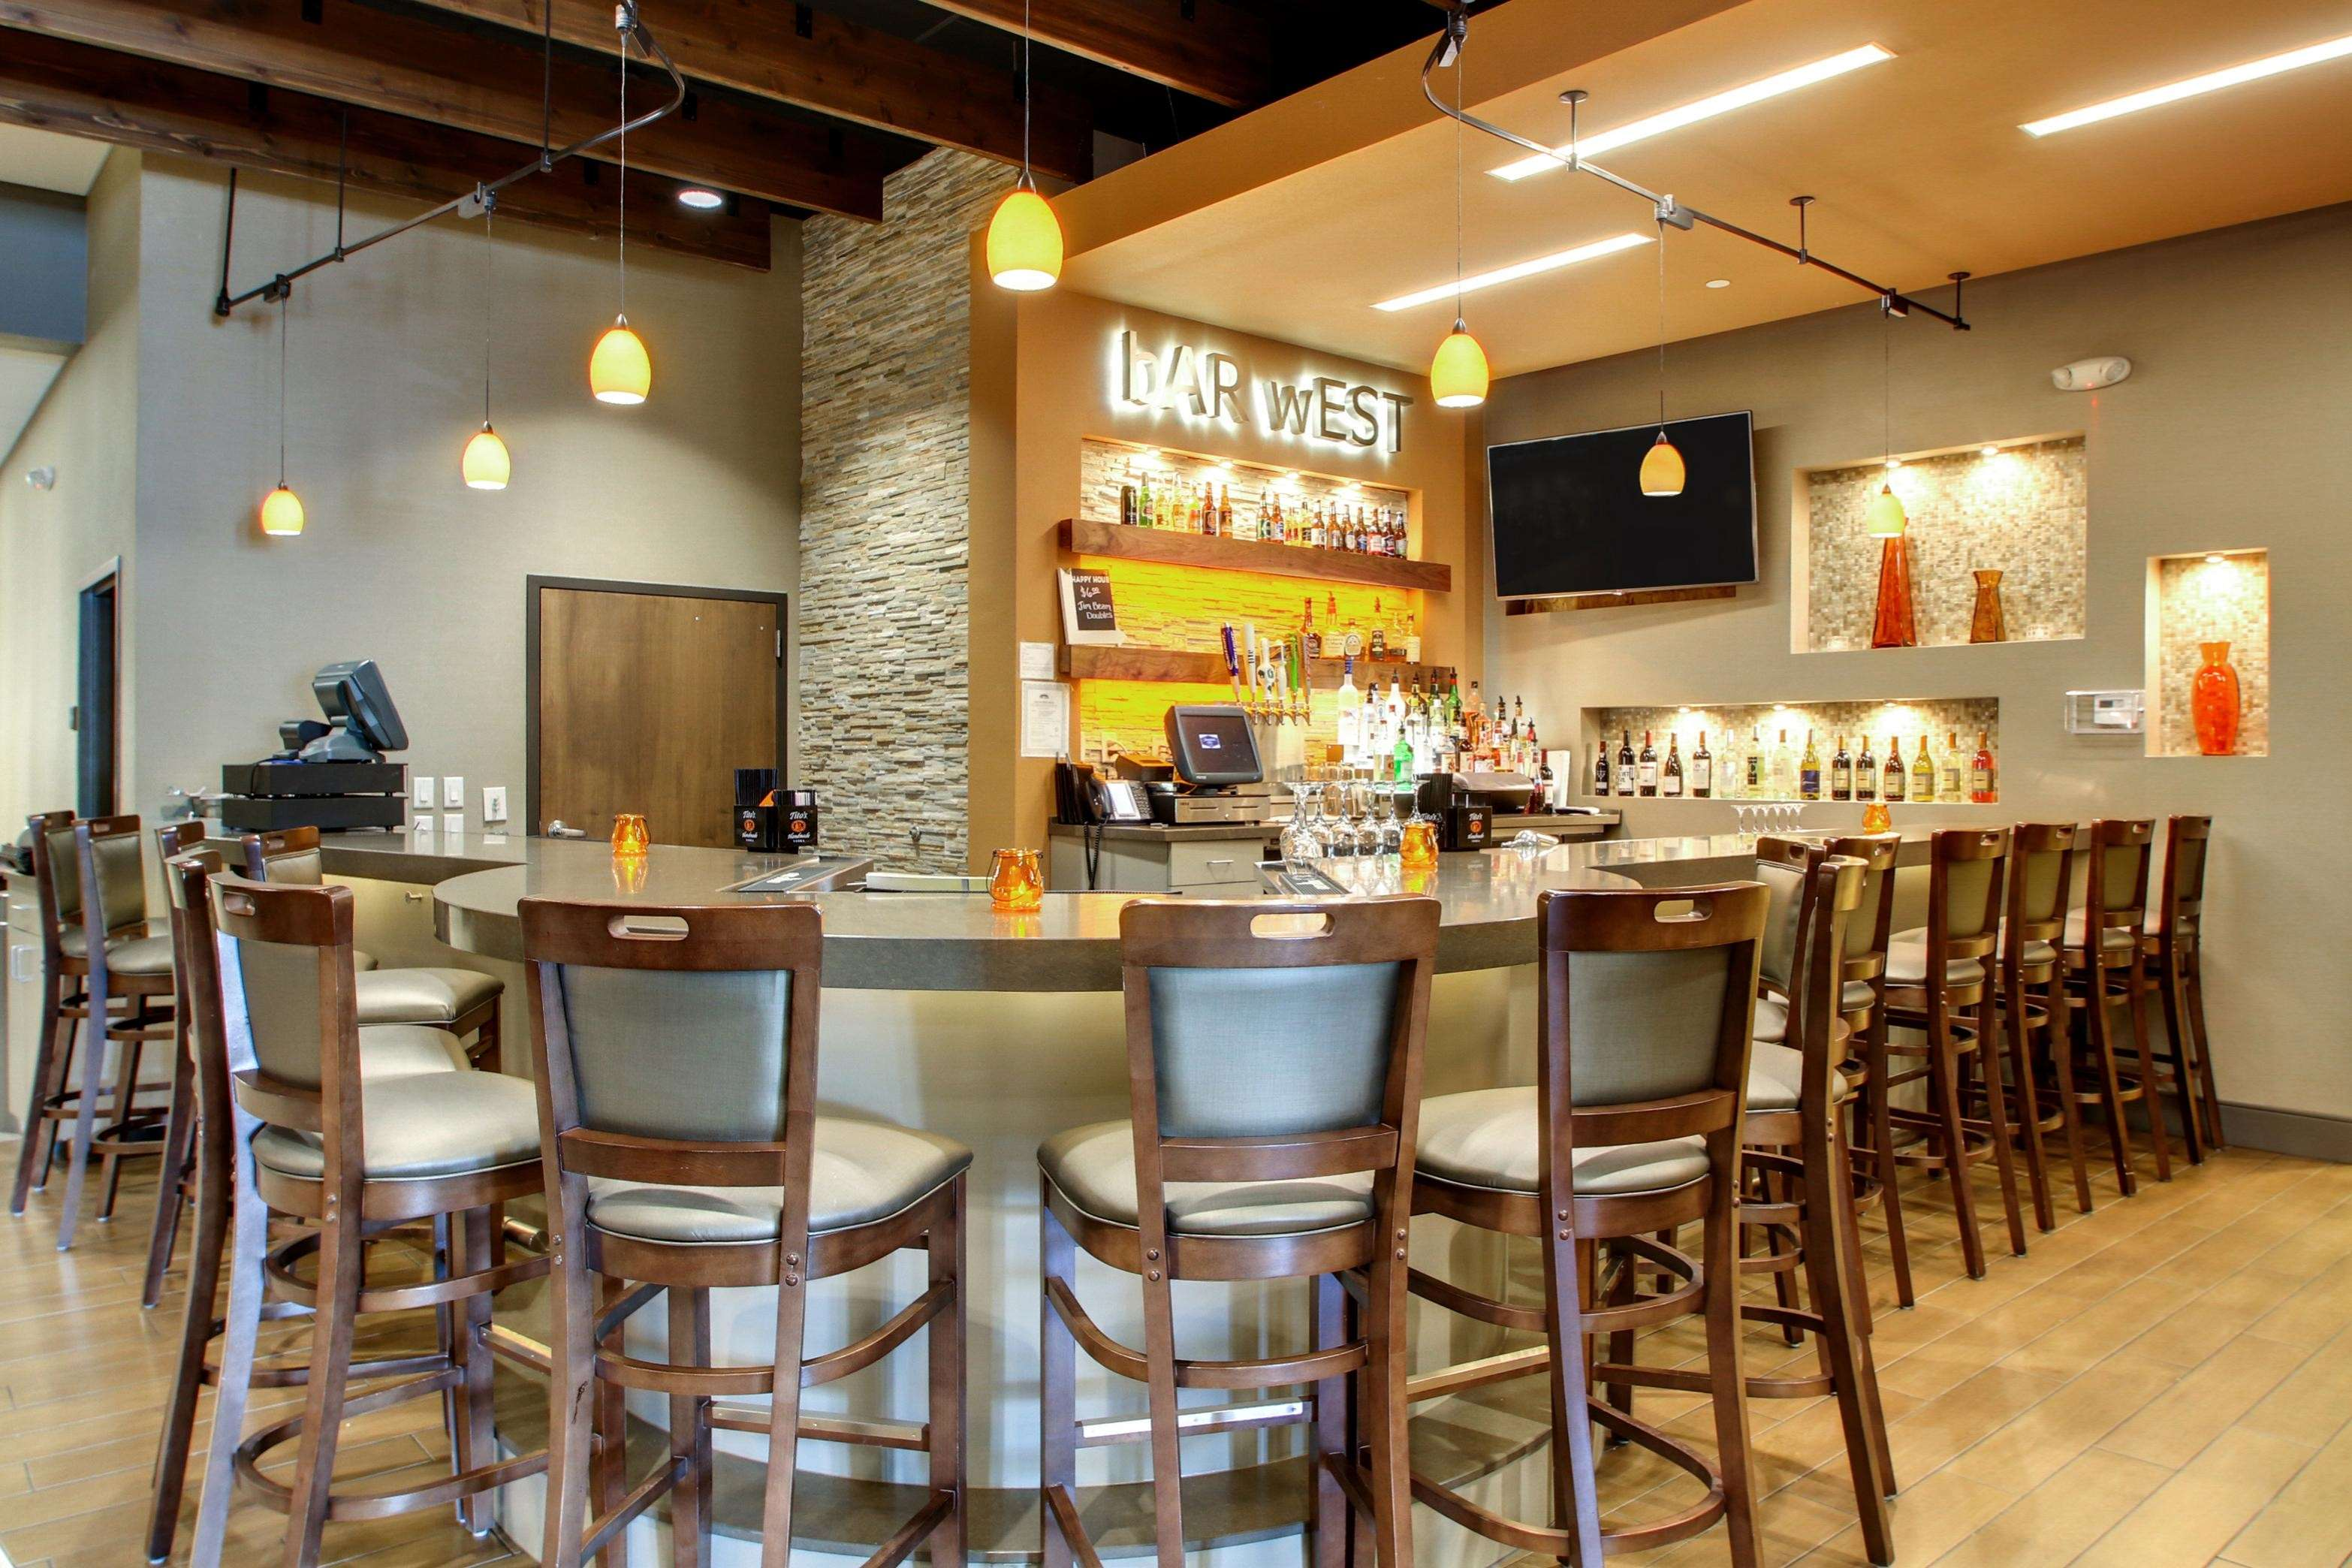 Hampton Inn & Suites Milwaukee West image 20